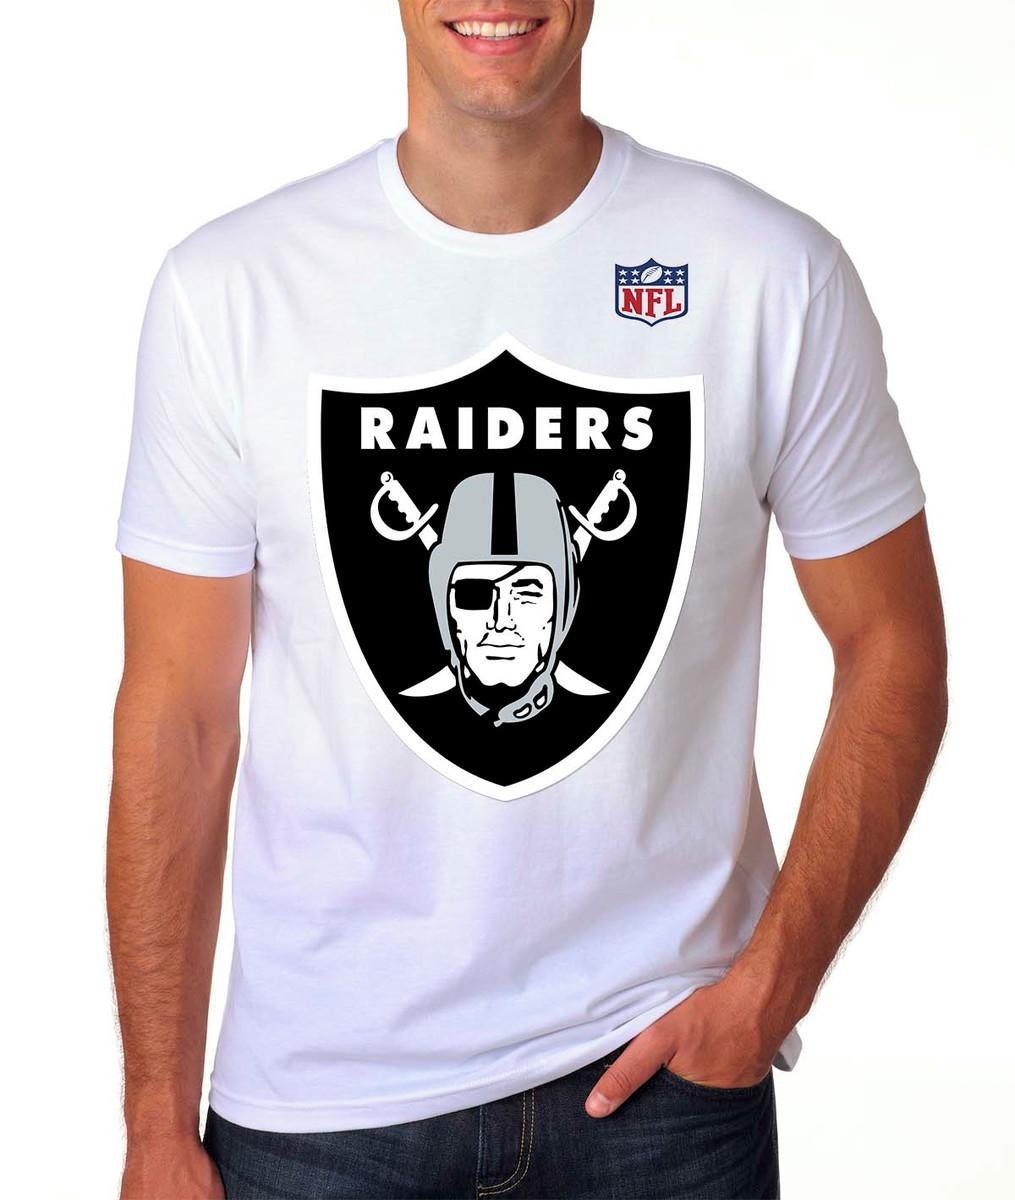 Camiseta Oakland Raiders NFL - A3 no Elo7  dfe98081e85